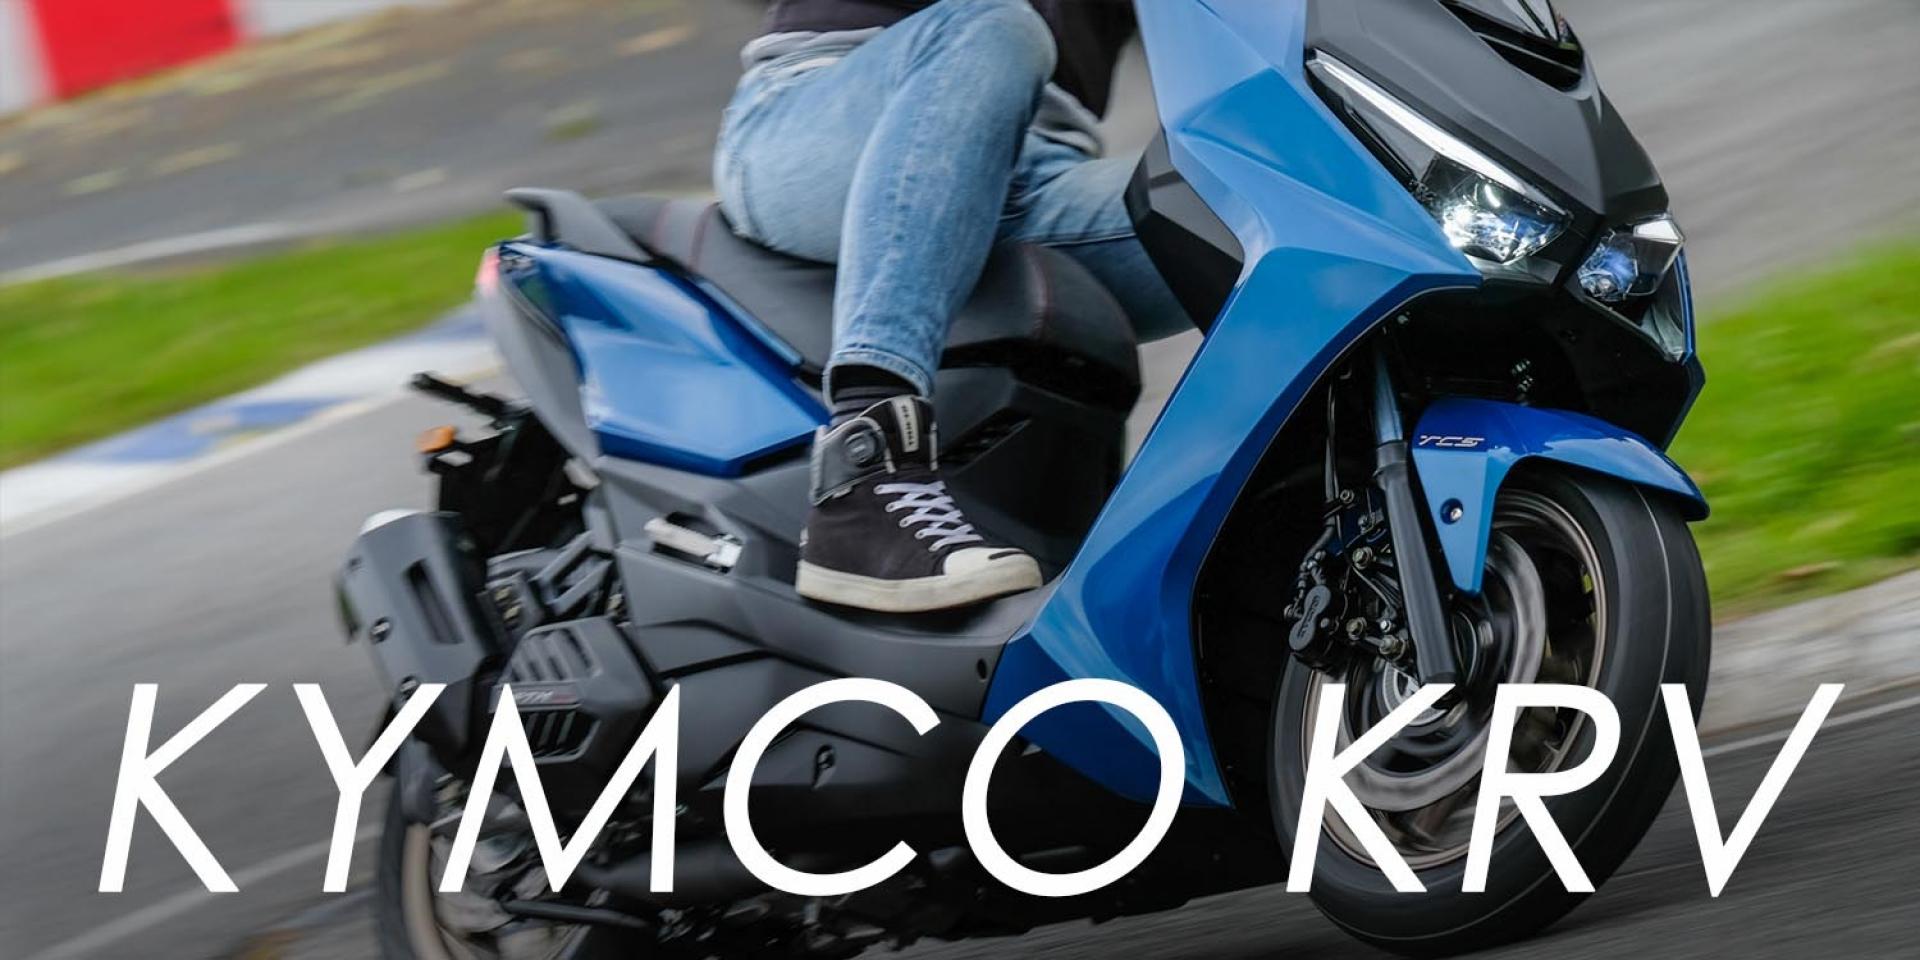 檔車般操控感受,速克達車款新境界KYMCO KRV賽道試乘